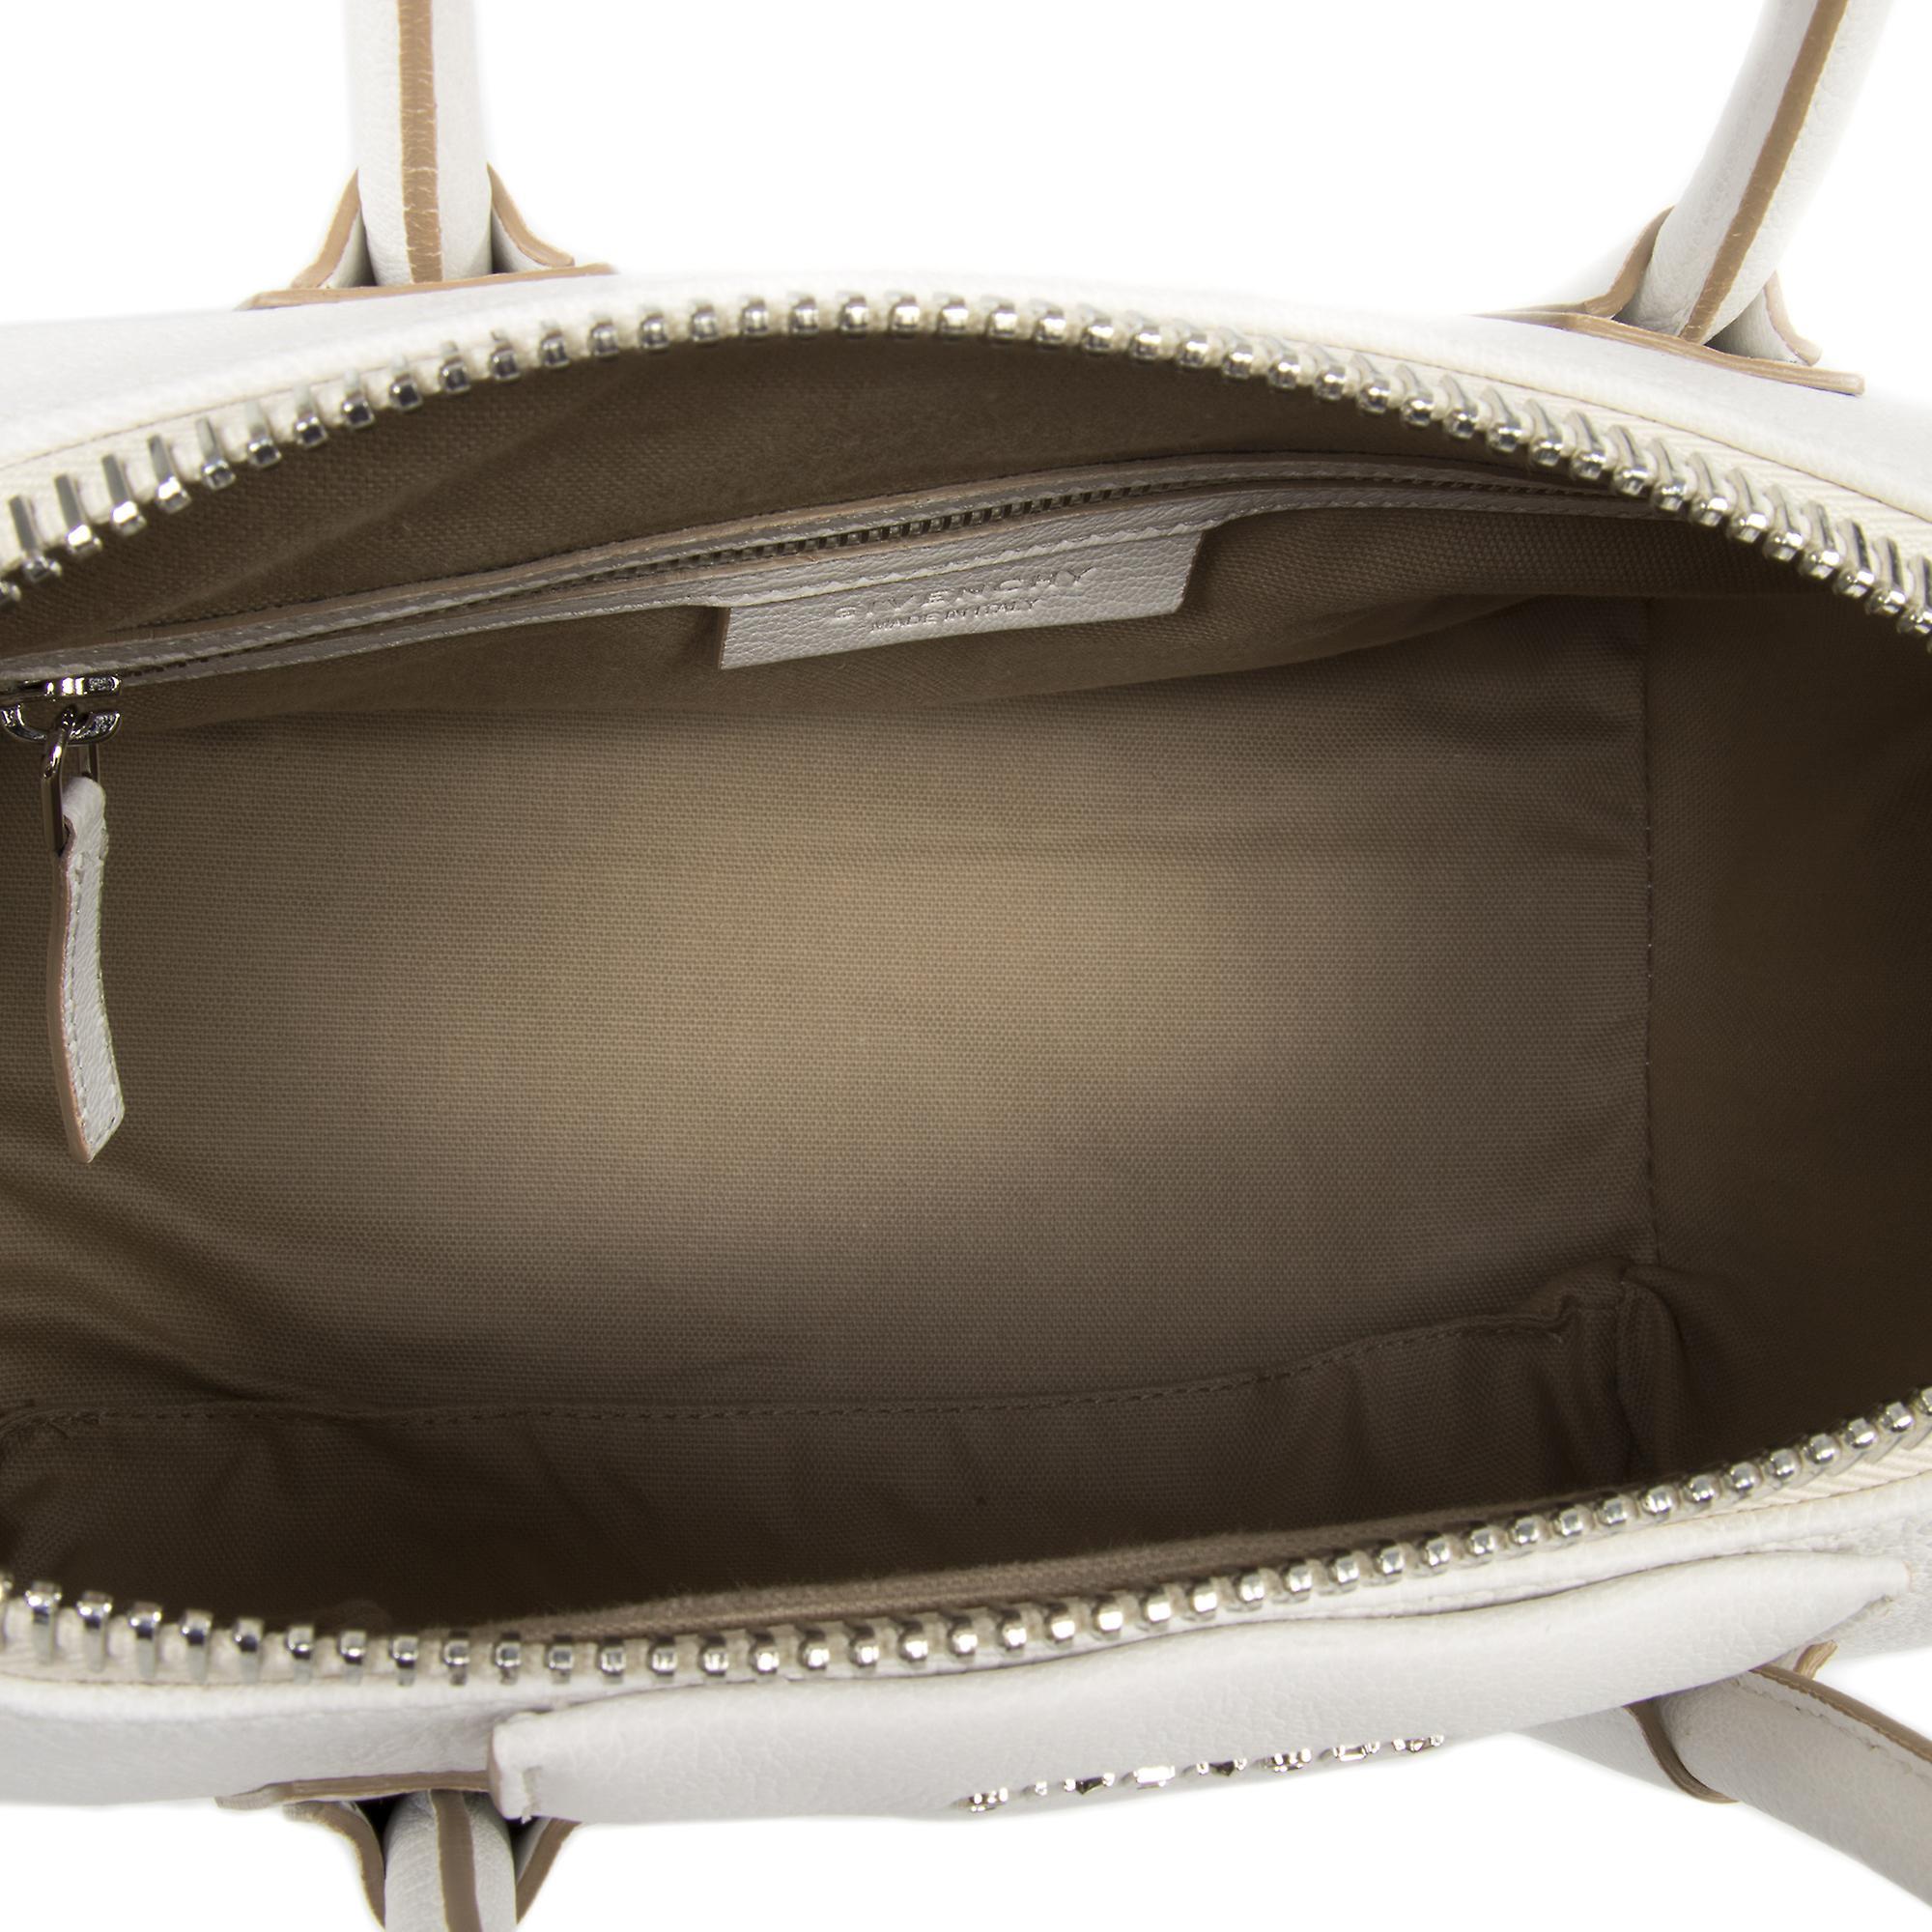 Givenchy Antigona sukker geiteskinn skinn Satchel Bag | Hvit & sølv Hardware | Liten